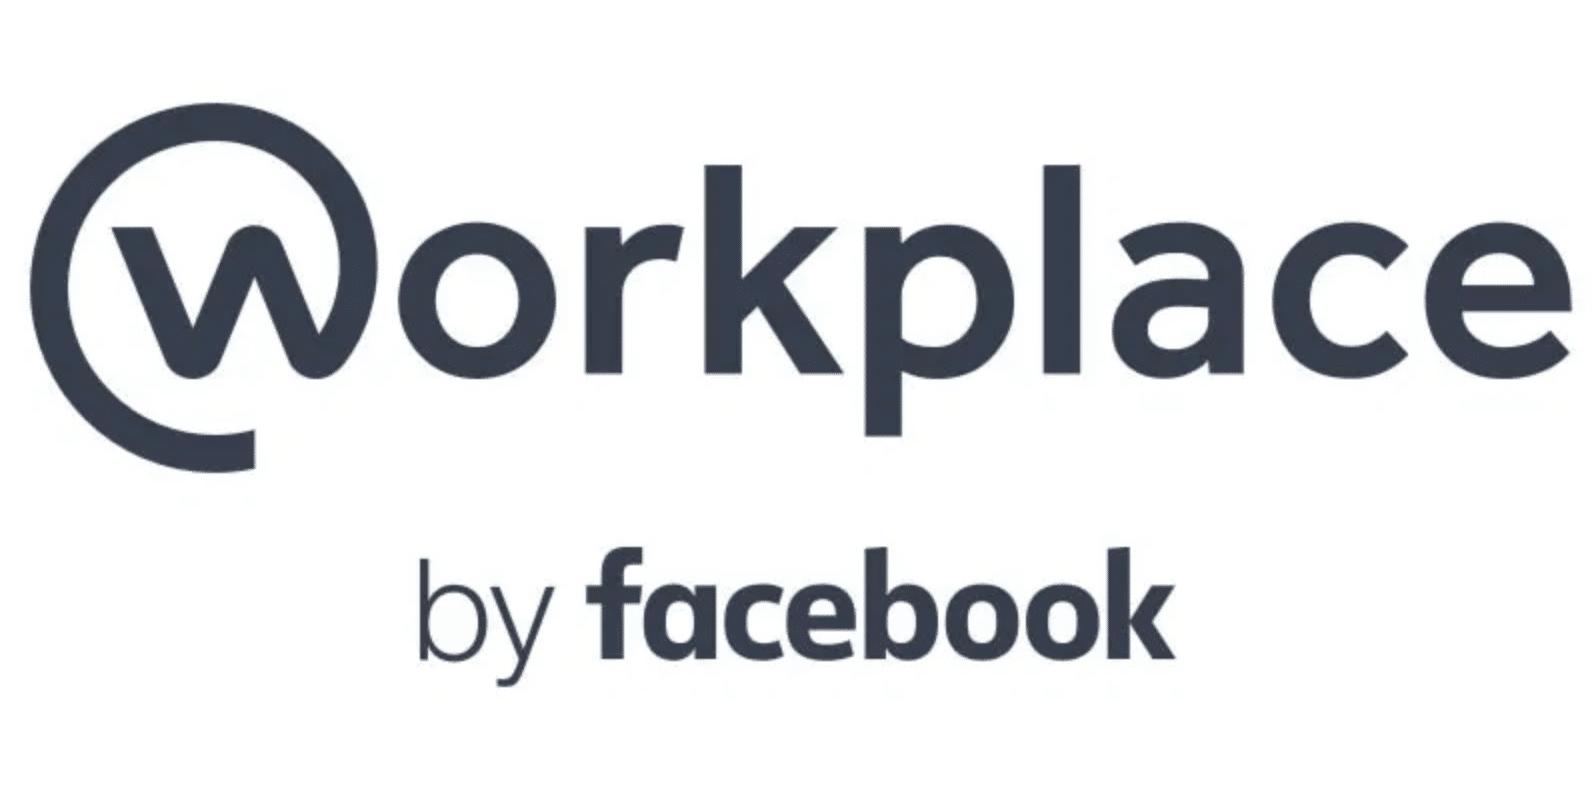 Focus : Facebook Workplace